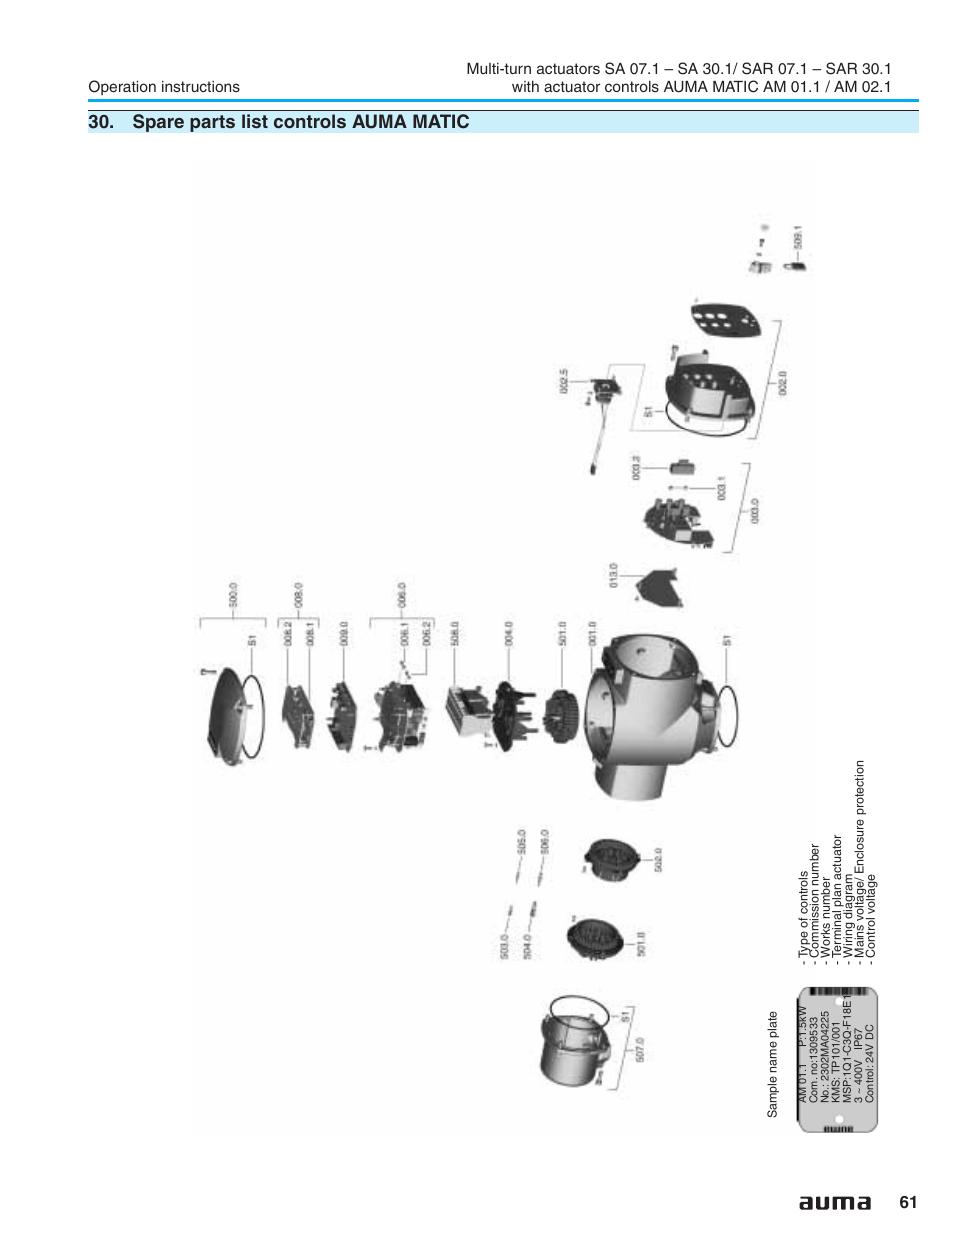 auma electric multi turn actuators sa 071 161_sar 071 161 matic am 011 021 page61?resize=665%2C861 auma model sa wiring diagram bettis actuator diagrams, 2005 bettis actuator wiring diagrams at reclaimingppi.co